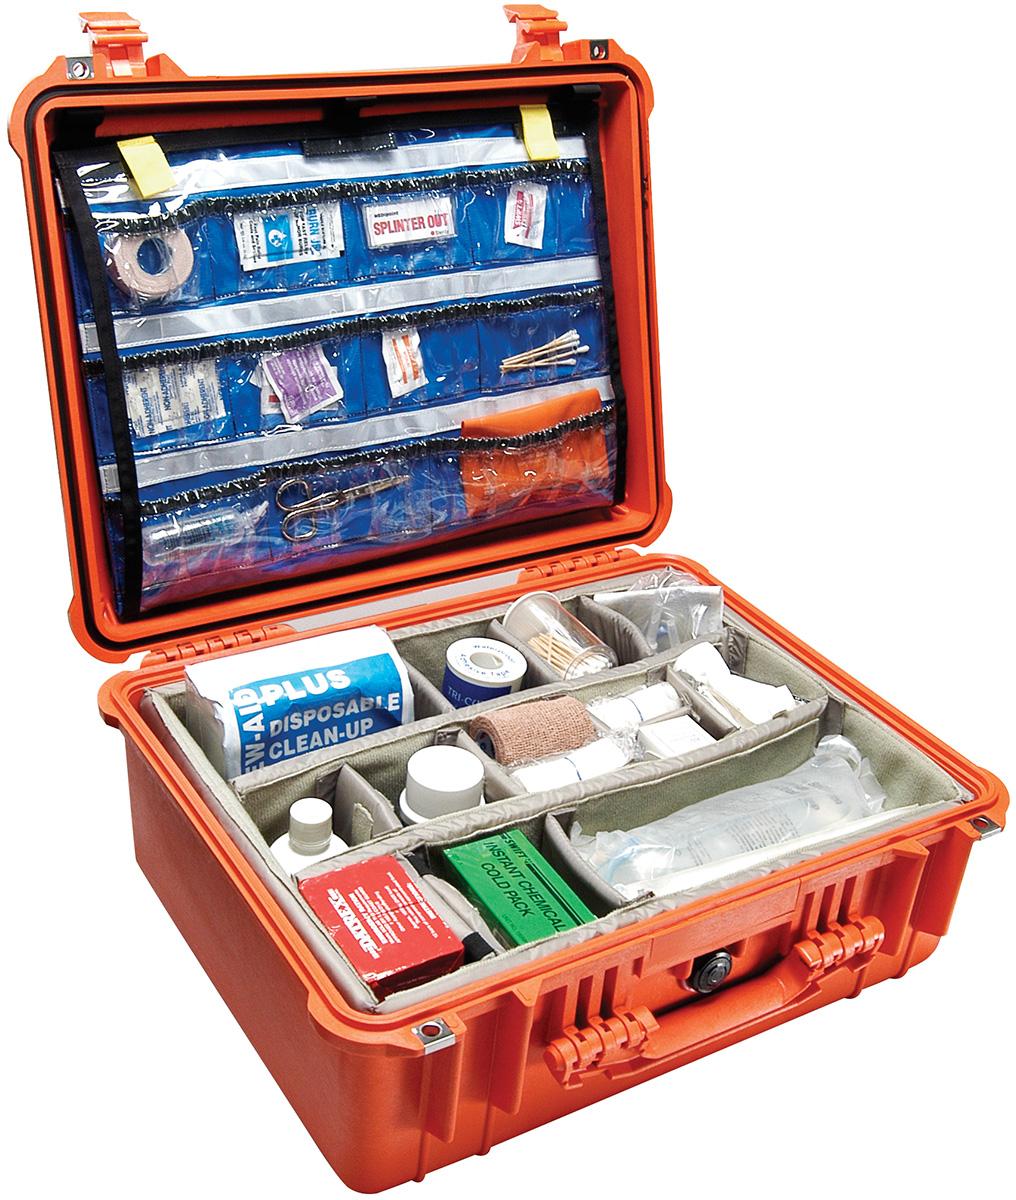 1600 EMS - 1600 EMS